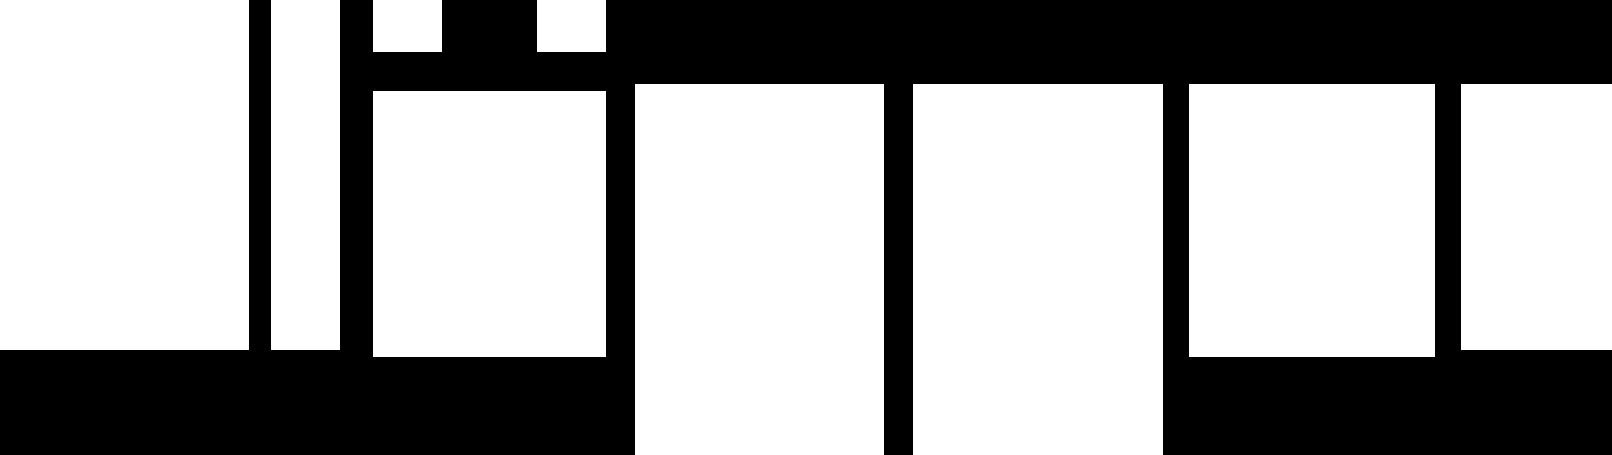 logo main flugger white - Flugger Екатеринбург